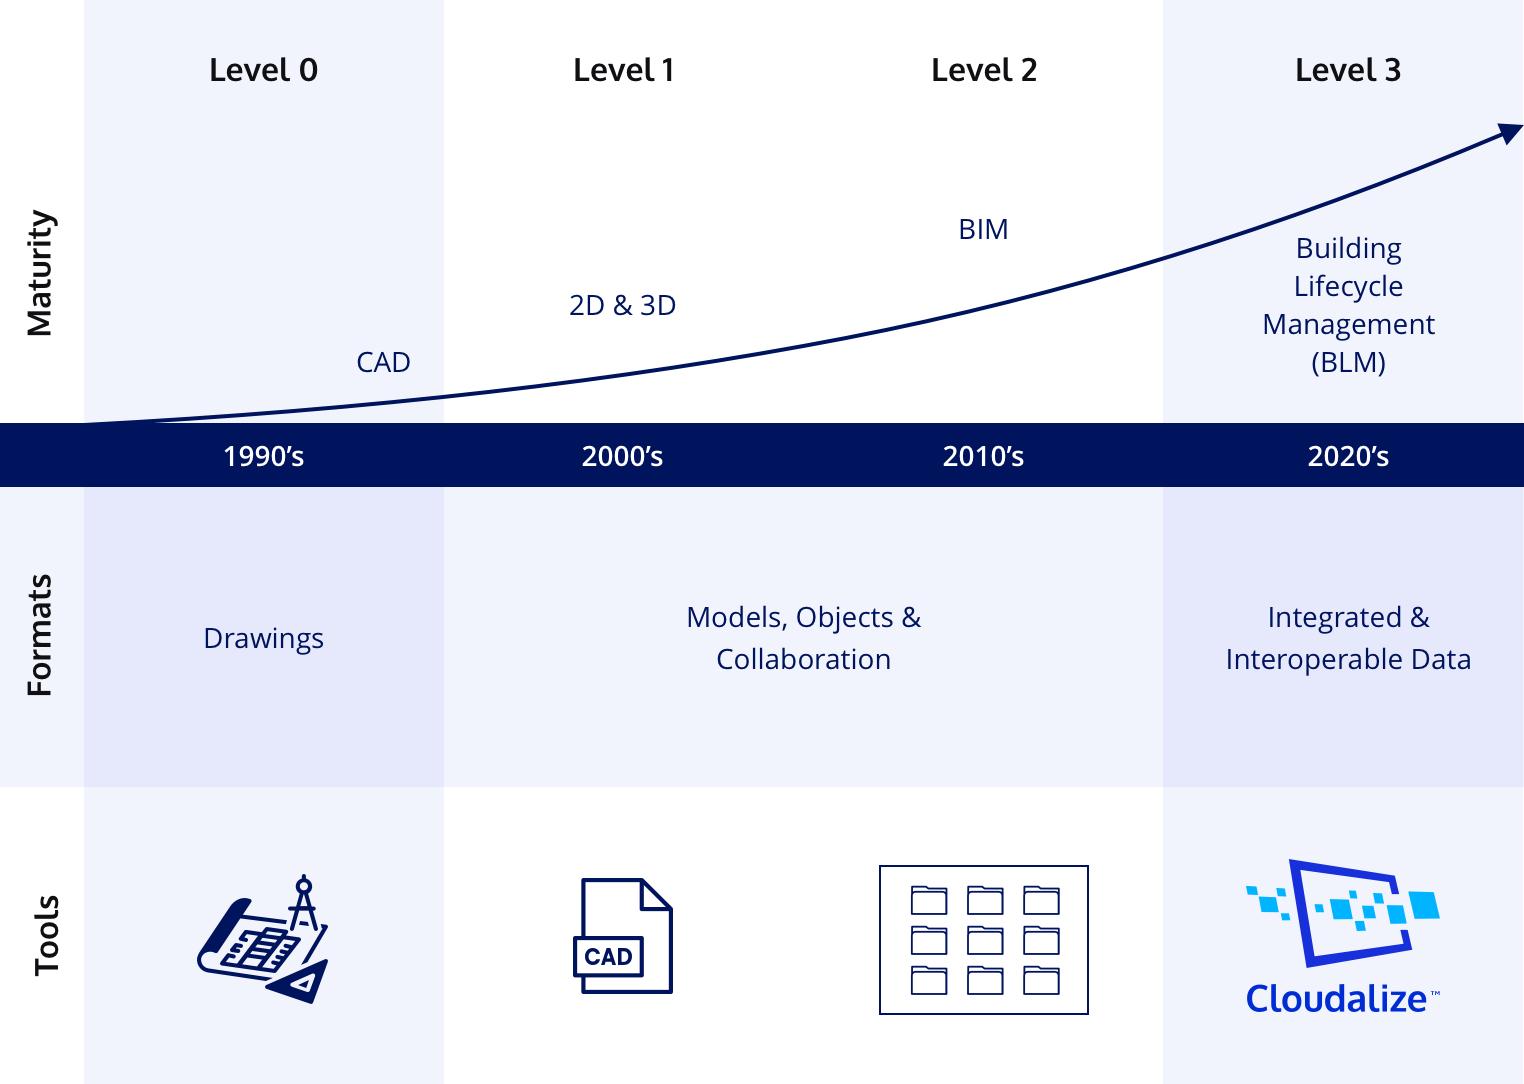 Cloudalize BIM Level 3